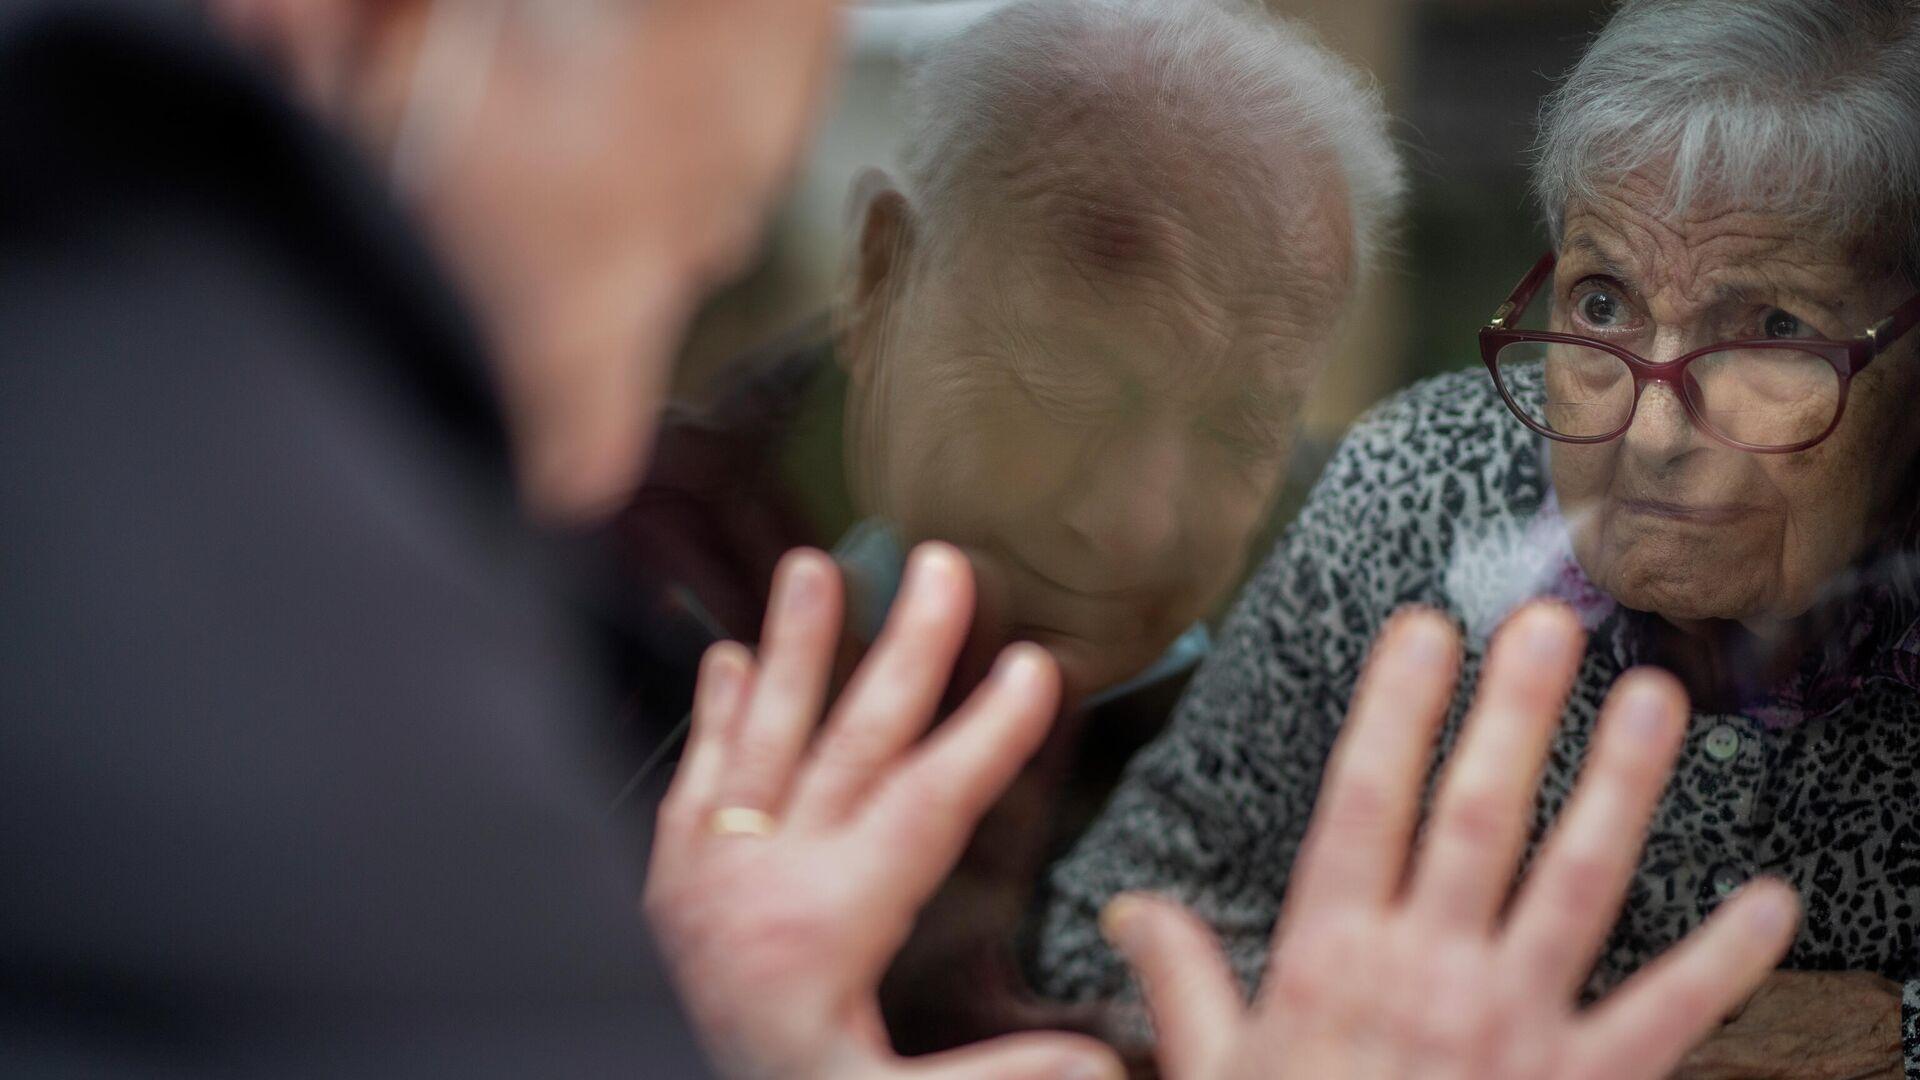 Xavier saluda, desde una ventana, a su esposa que está internada en una residencia de ancianos - Sputnik Mundo, 1920, 22.04.2021